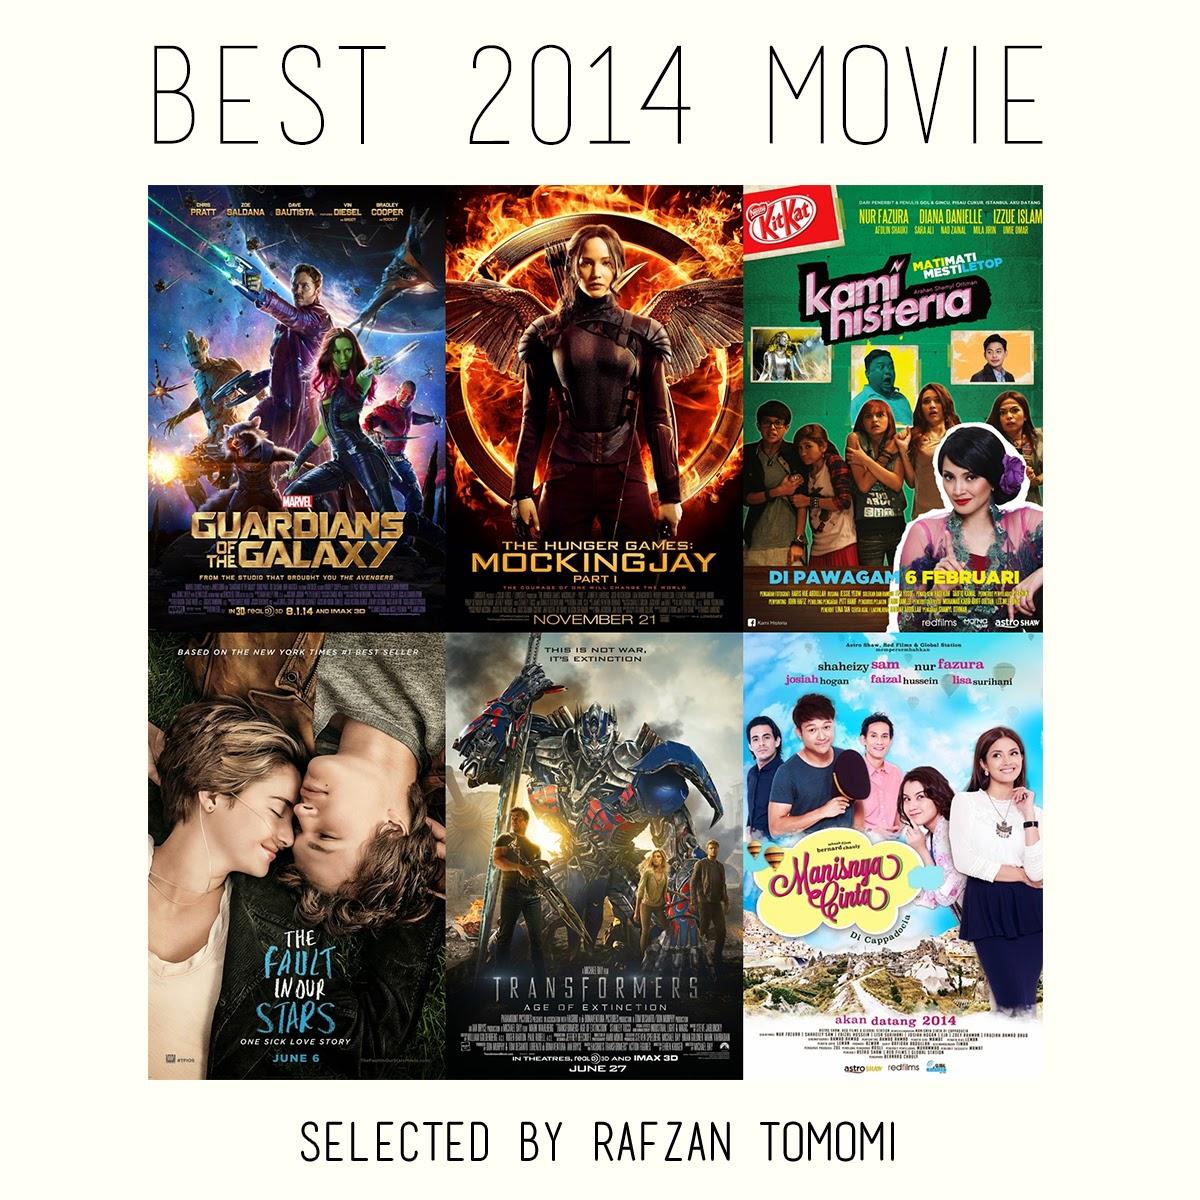 BEST 2014 MOVIE